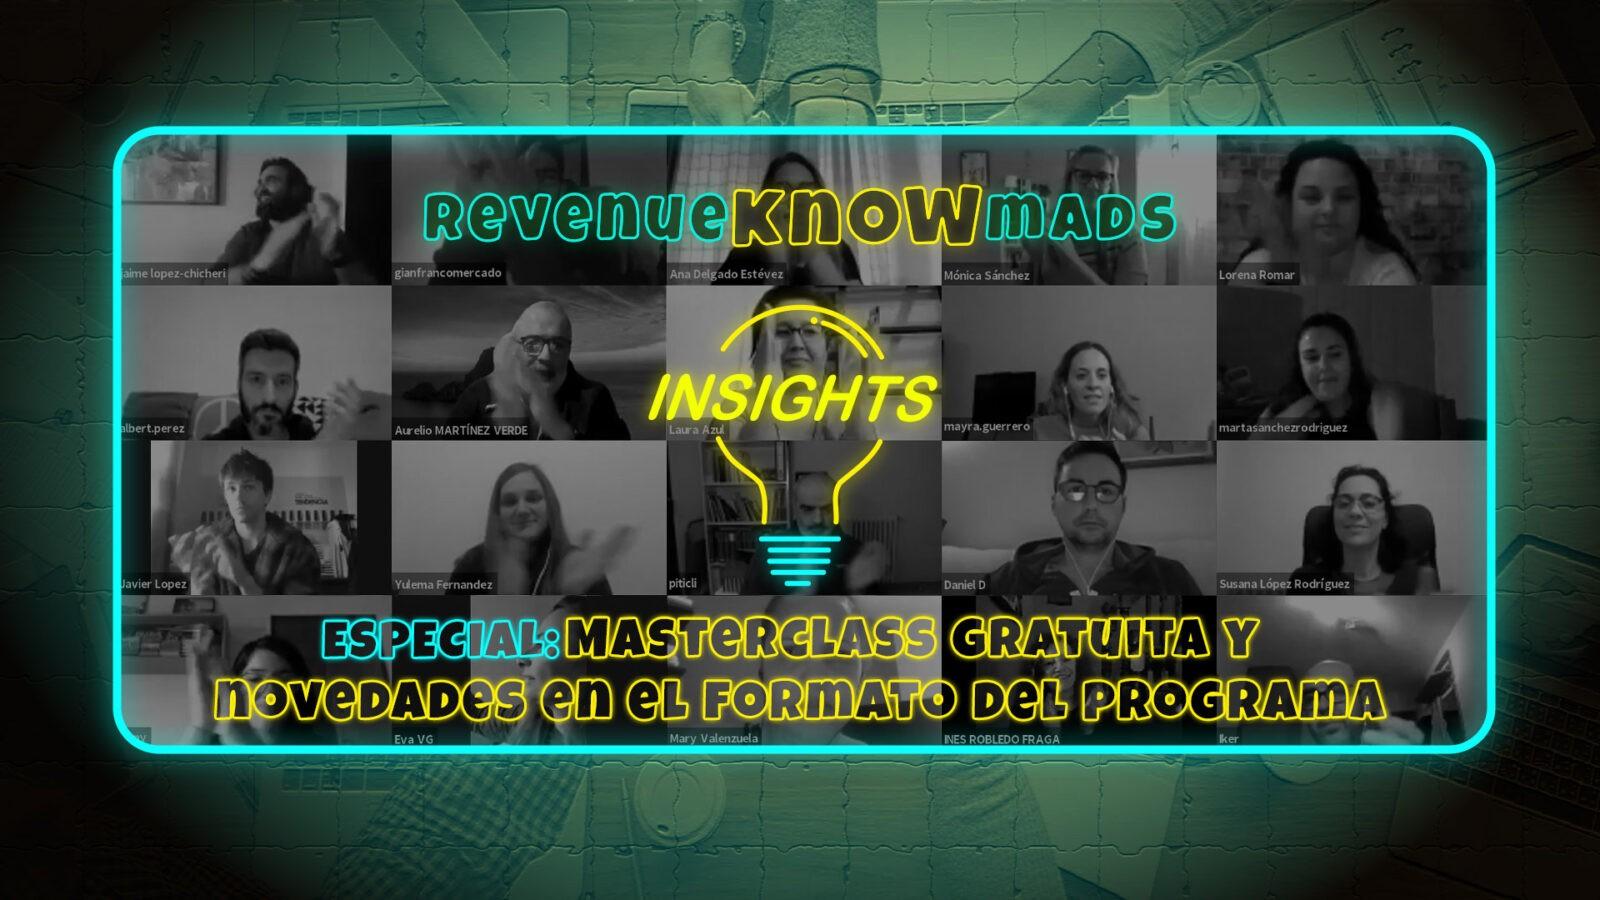 ESPECIAL RKM INSIGHTS: Masterclass gratuita y novedades en el formato del programa